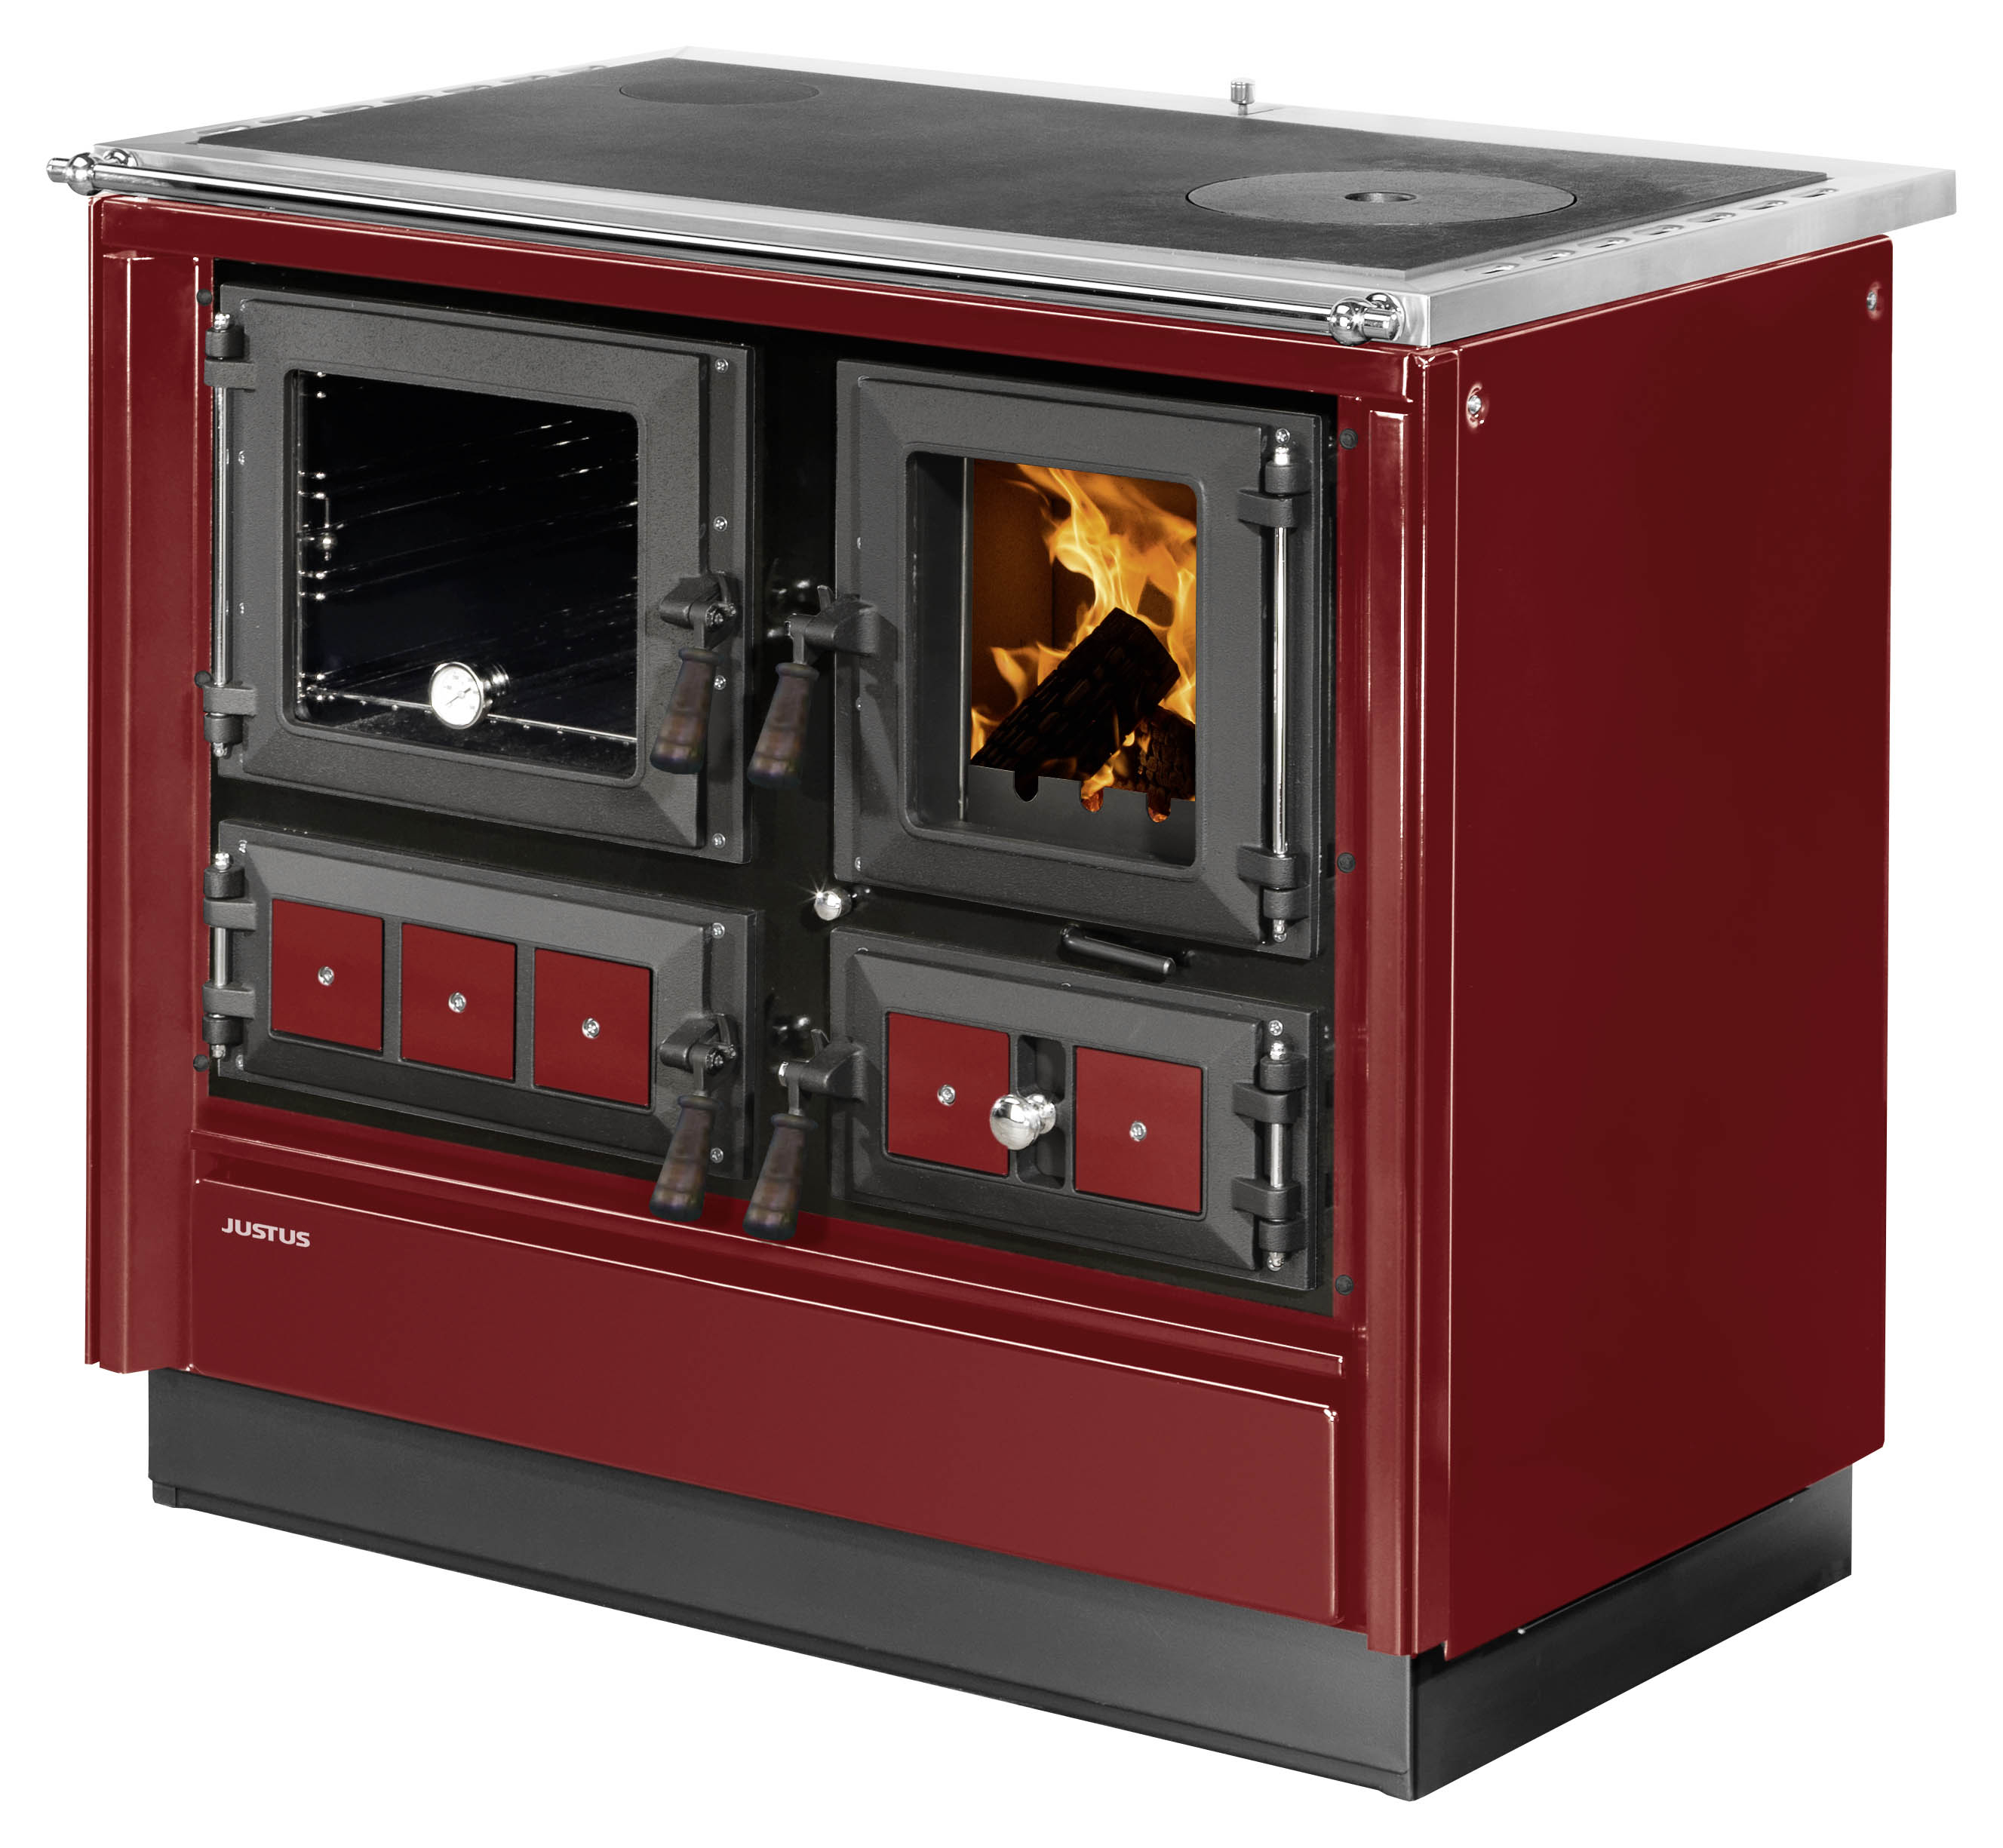 Küchenherd Justus Festbrennstoffherd Rustico-90 2.0 links Stahl rot Bild 1